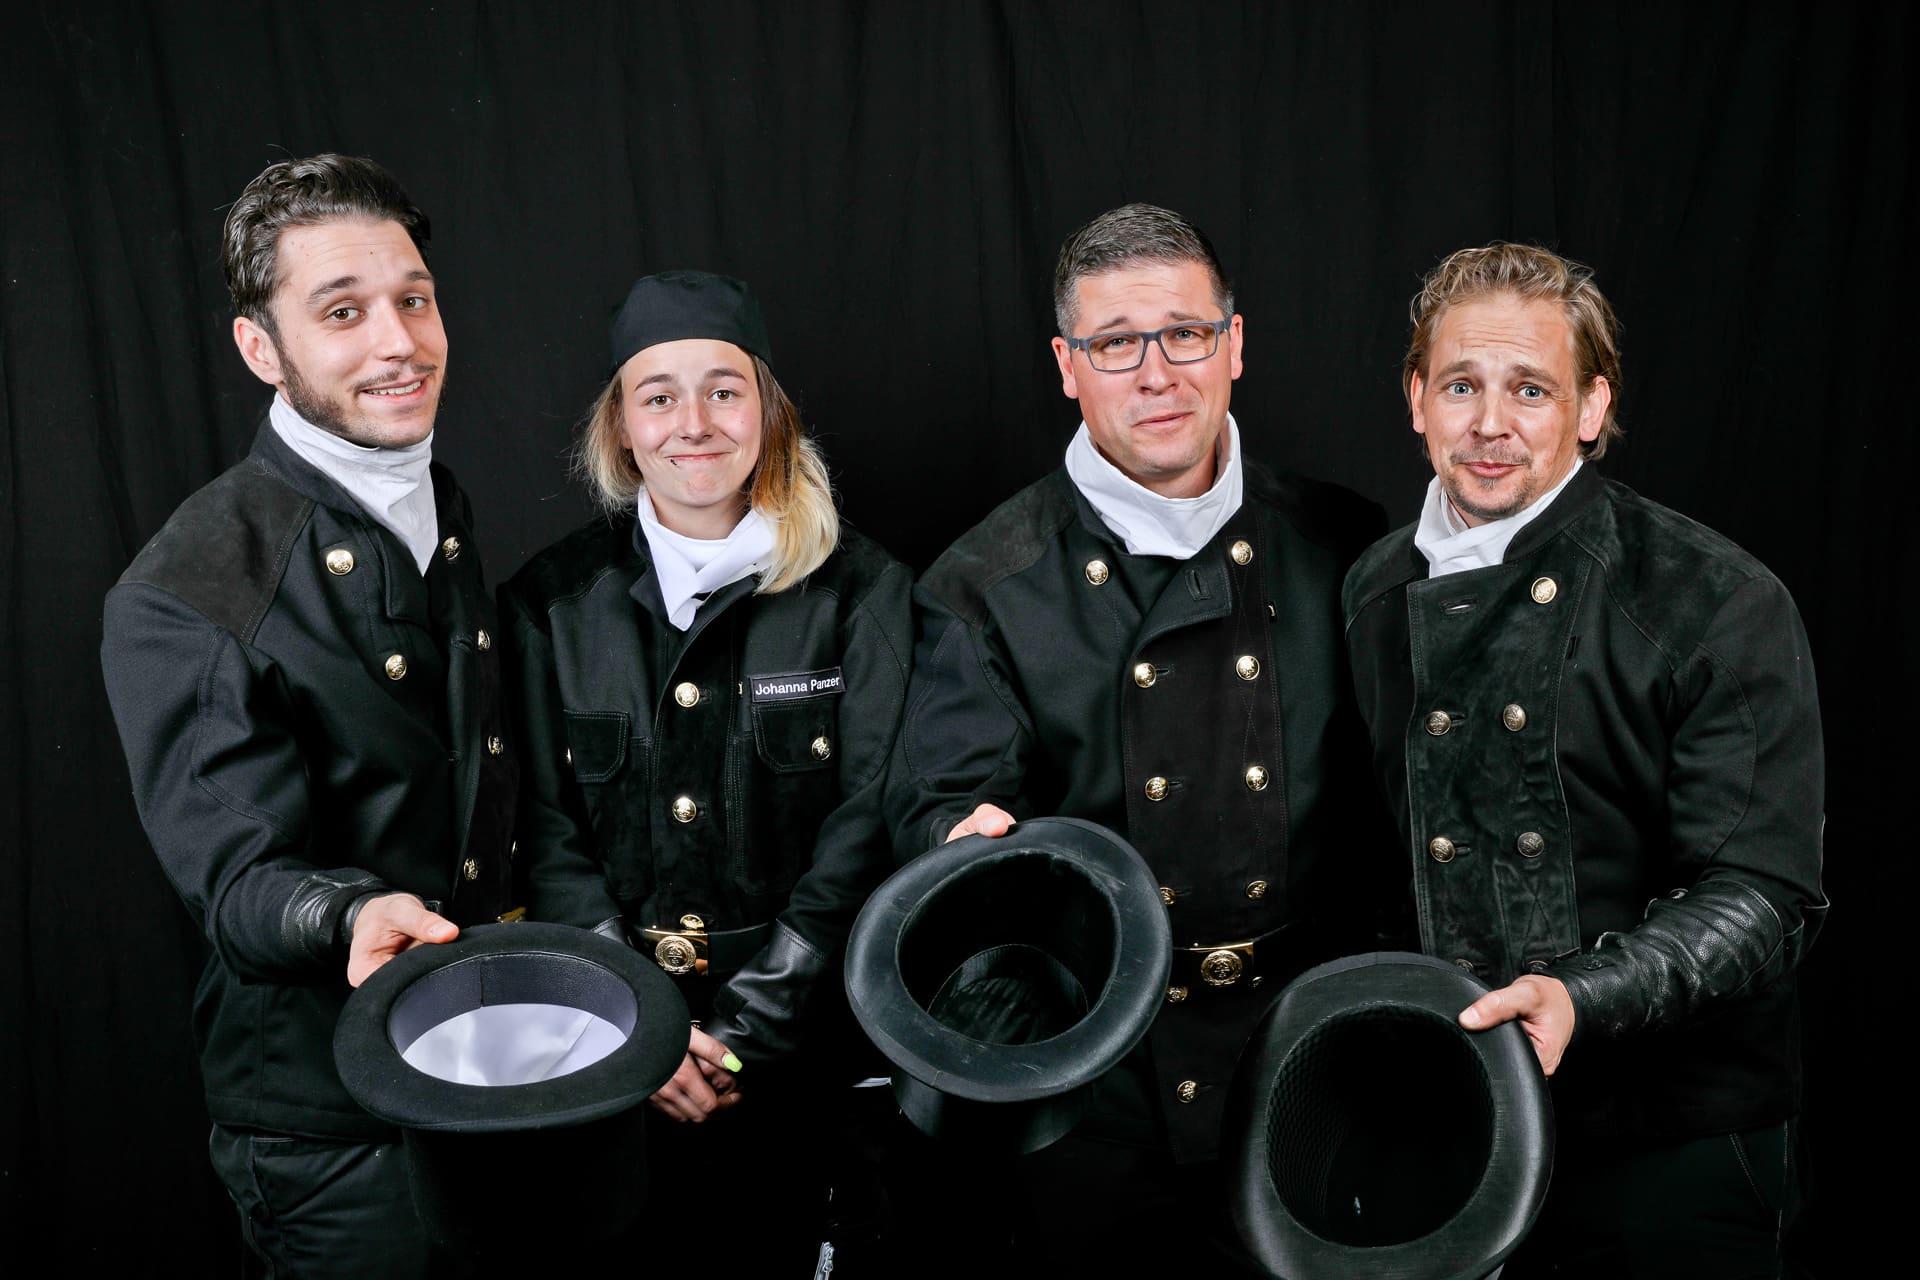 Mit Spaß bei der Arbeit sind die Schornsteinfeger von Ralf Gröbner Schornsteinfegermeister in Oberfranken